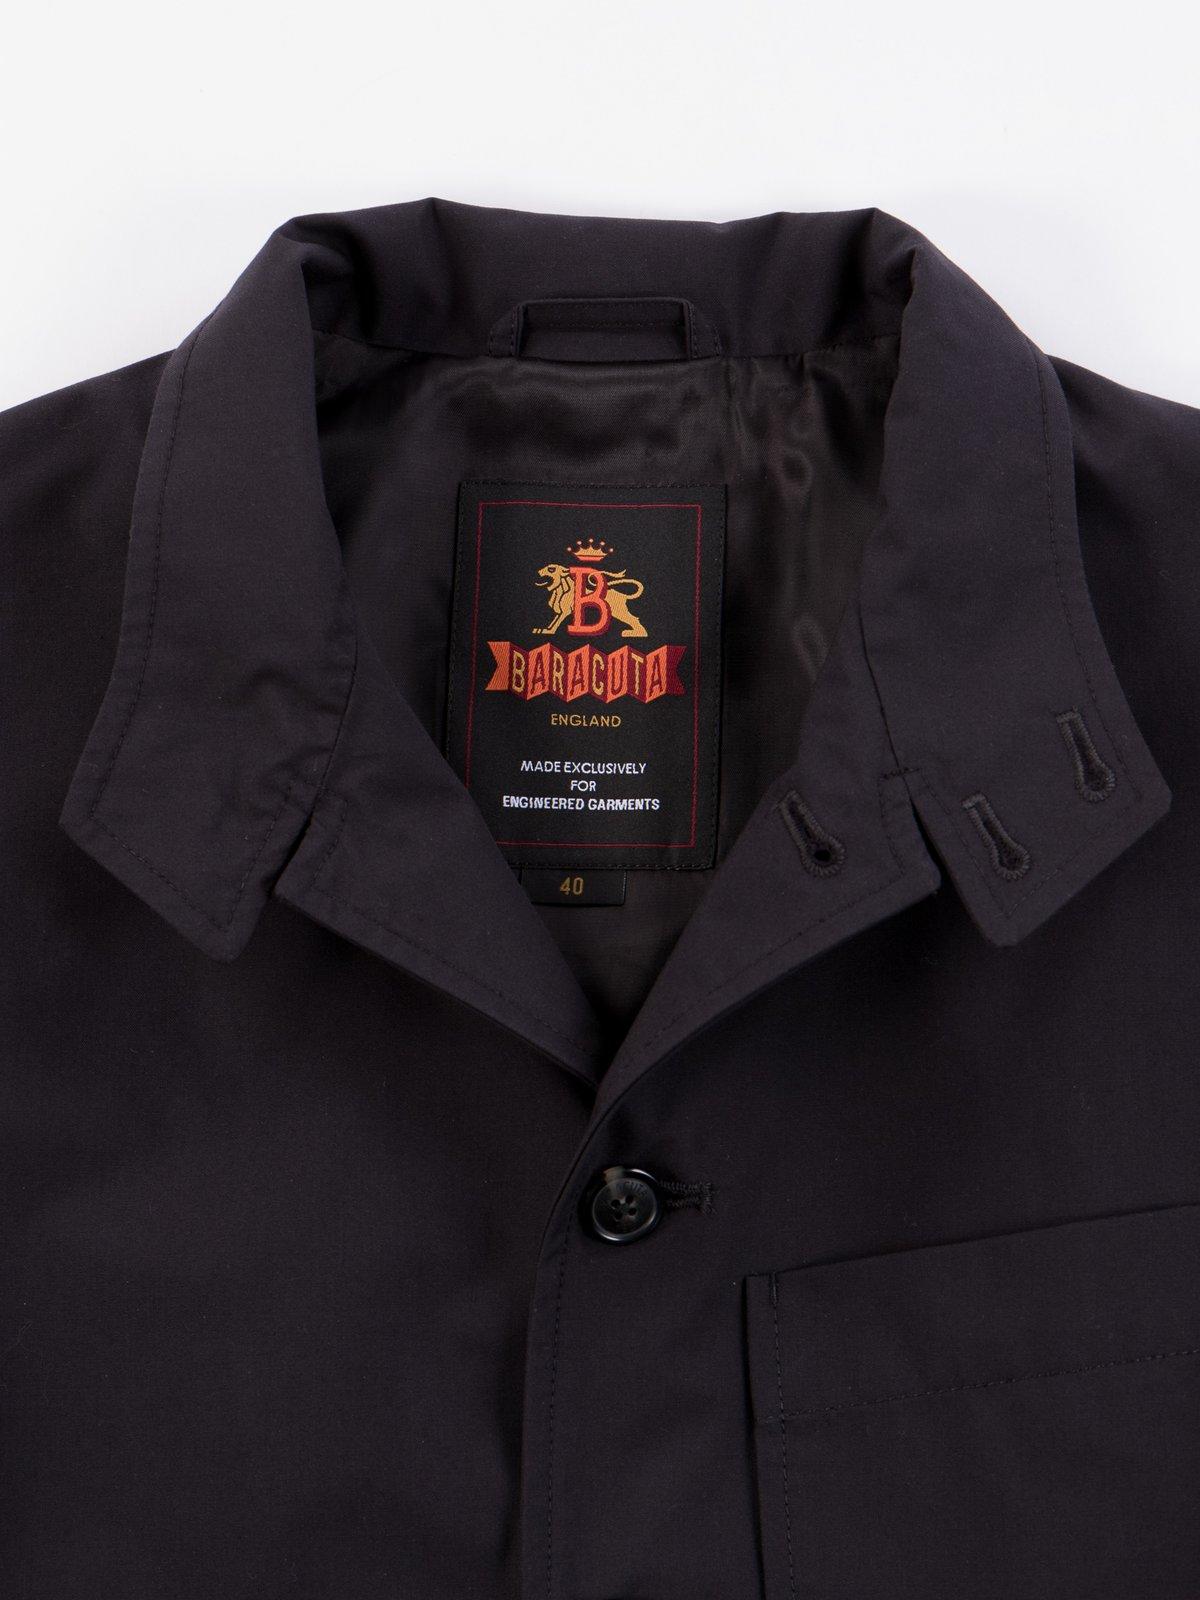 Black Structured EG Blazer - Image 6